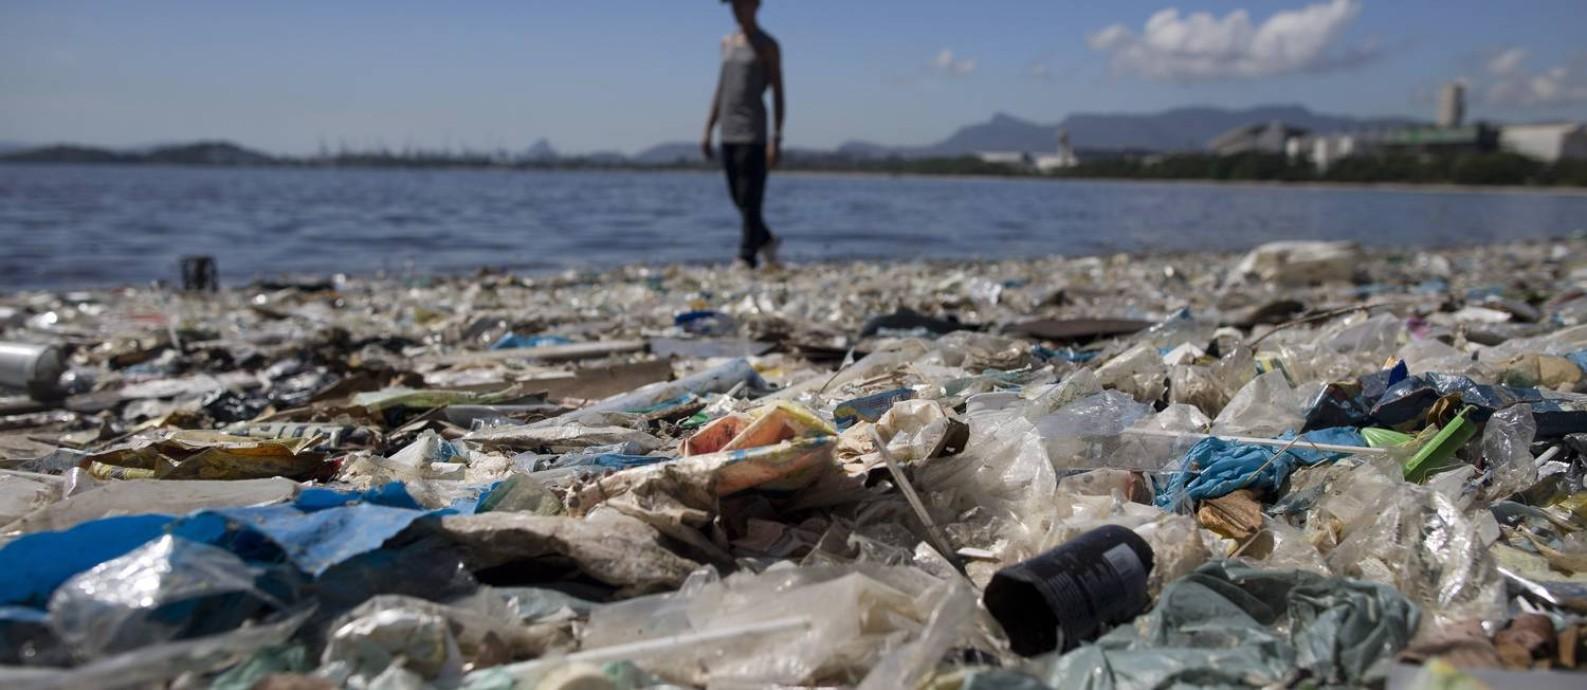 Degradação que choca: Montanha de lixo se acumula nas águas da Baía de Guanabara, na altura do Fundão, na Ilha do Governador. Nos últimos anos, programas de despoluição consumiram recursos públicos, mas amargaram fracassos em série Foto: Márcia Foletto / Agência O Globo